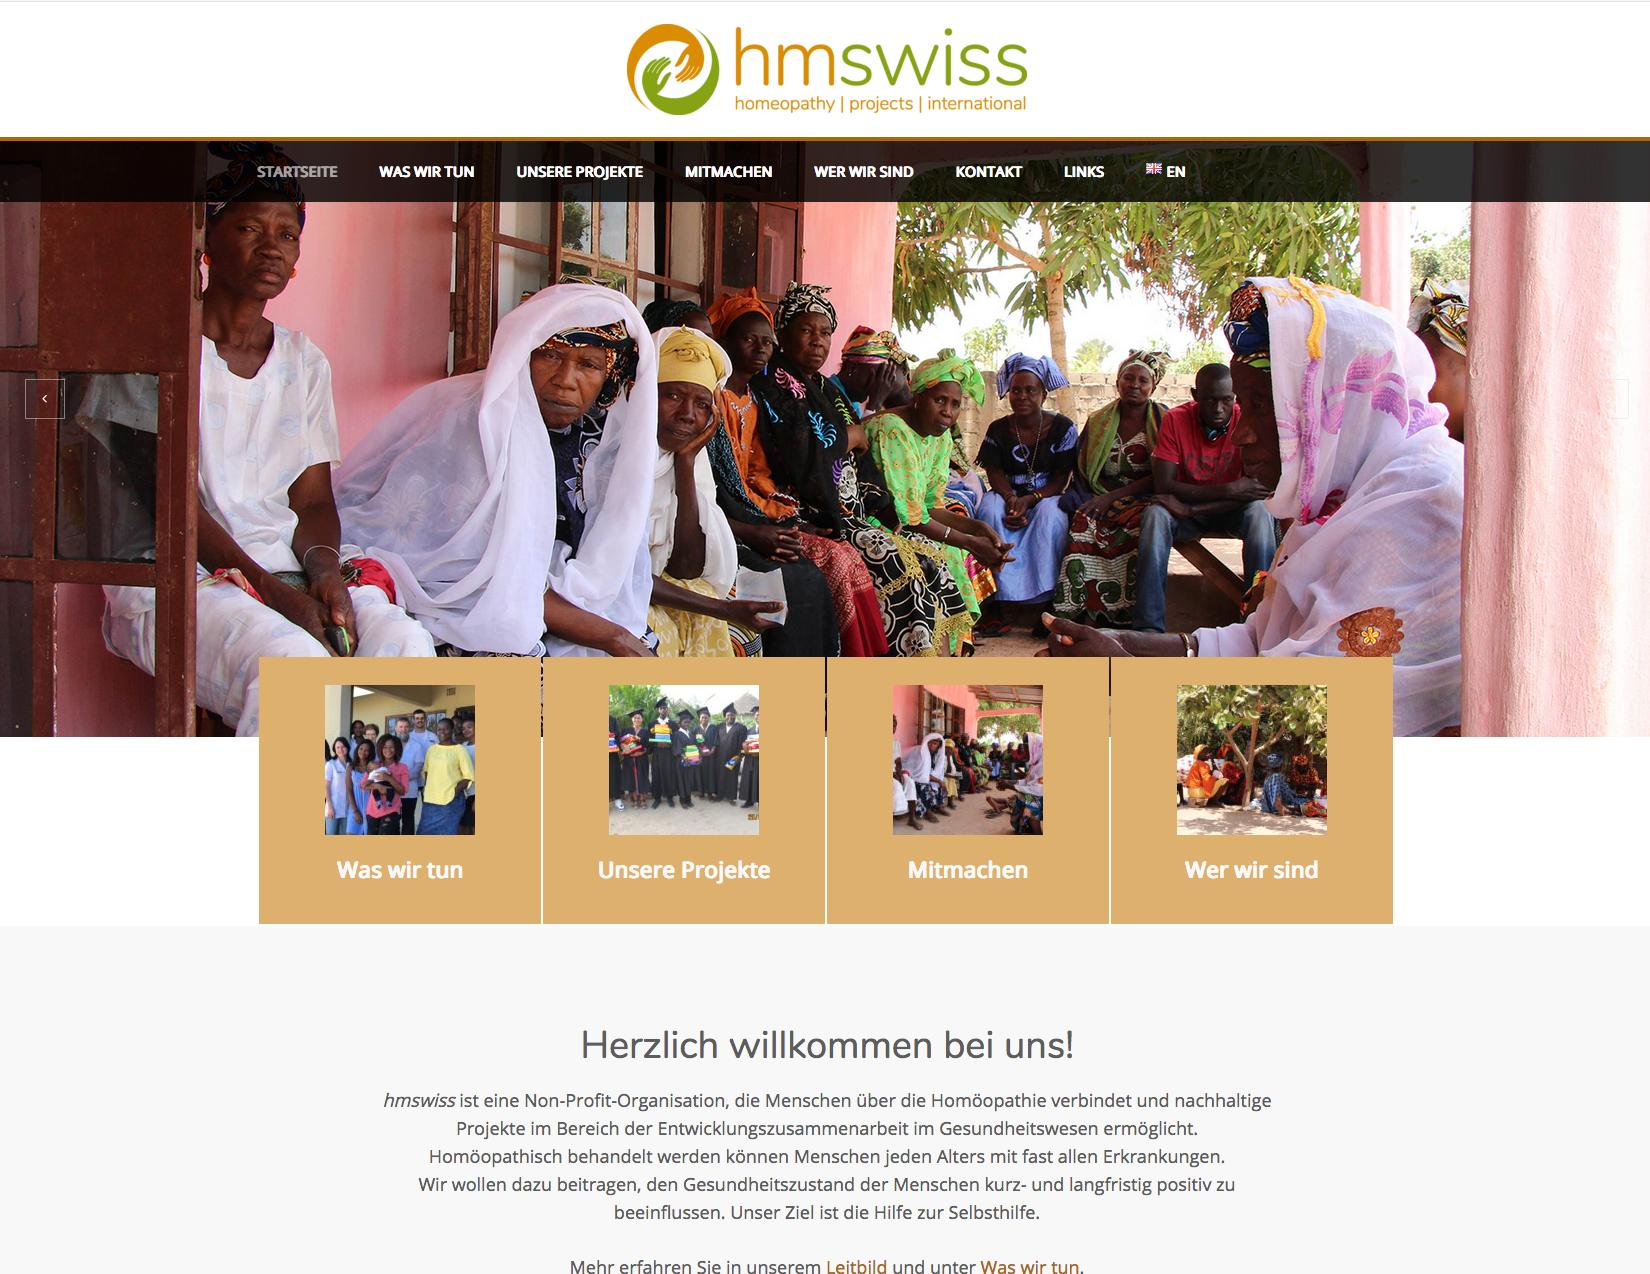 hmswiss, Non-Profit-Organisation im Gesundheitsbereich